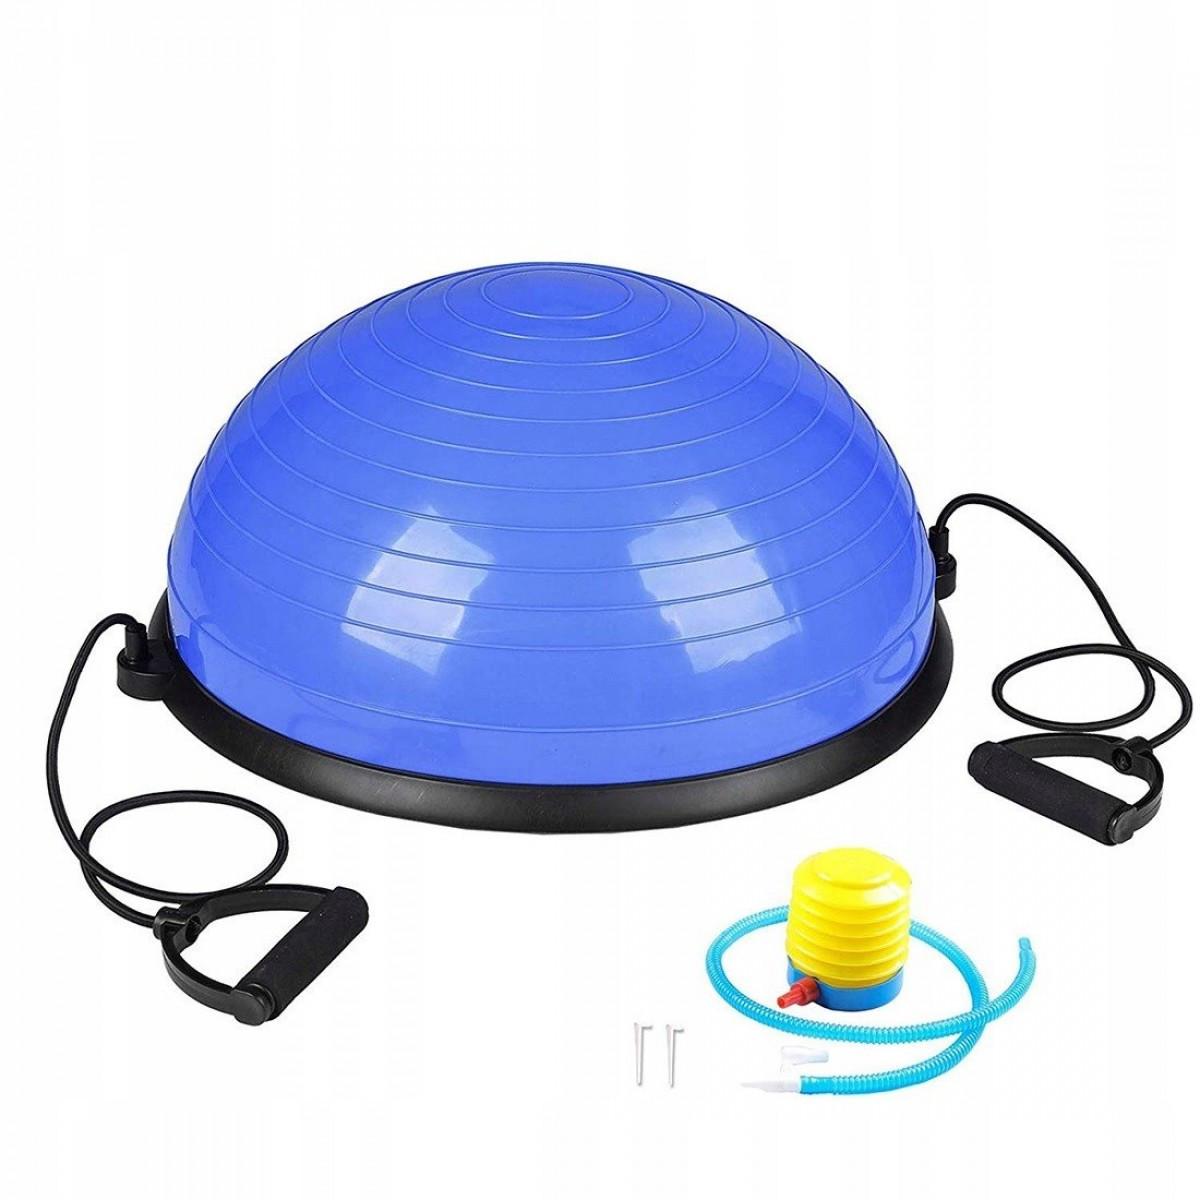 Балансировочная платформа Springos Bosu Ball 57 см BT0001 Blue